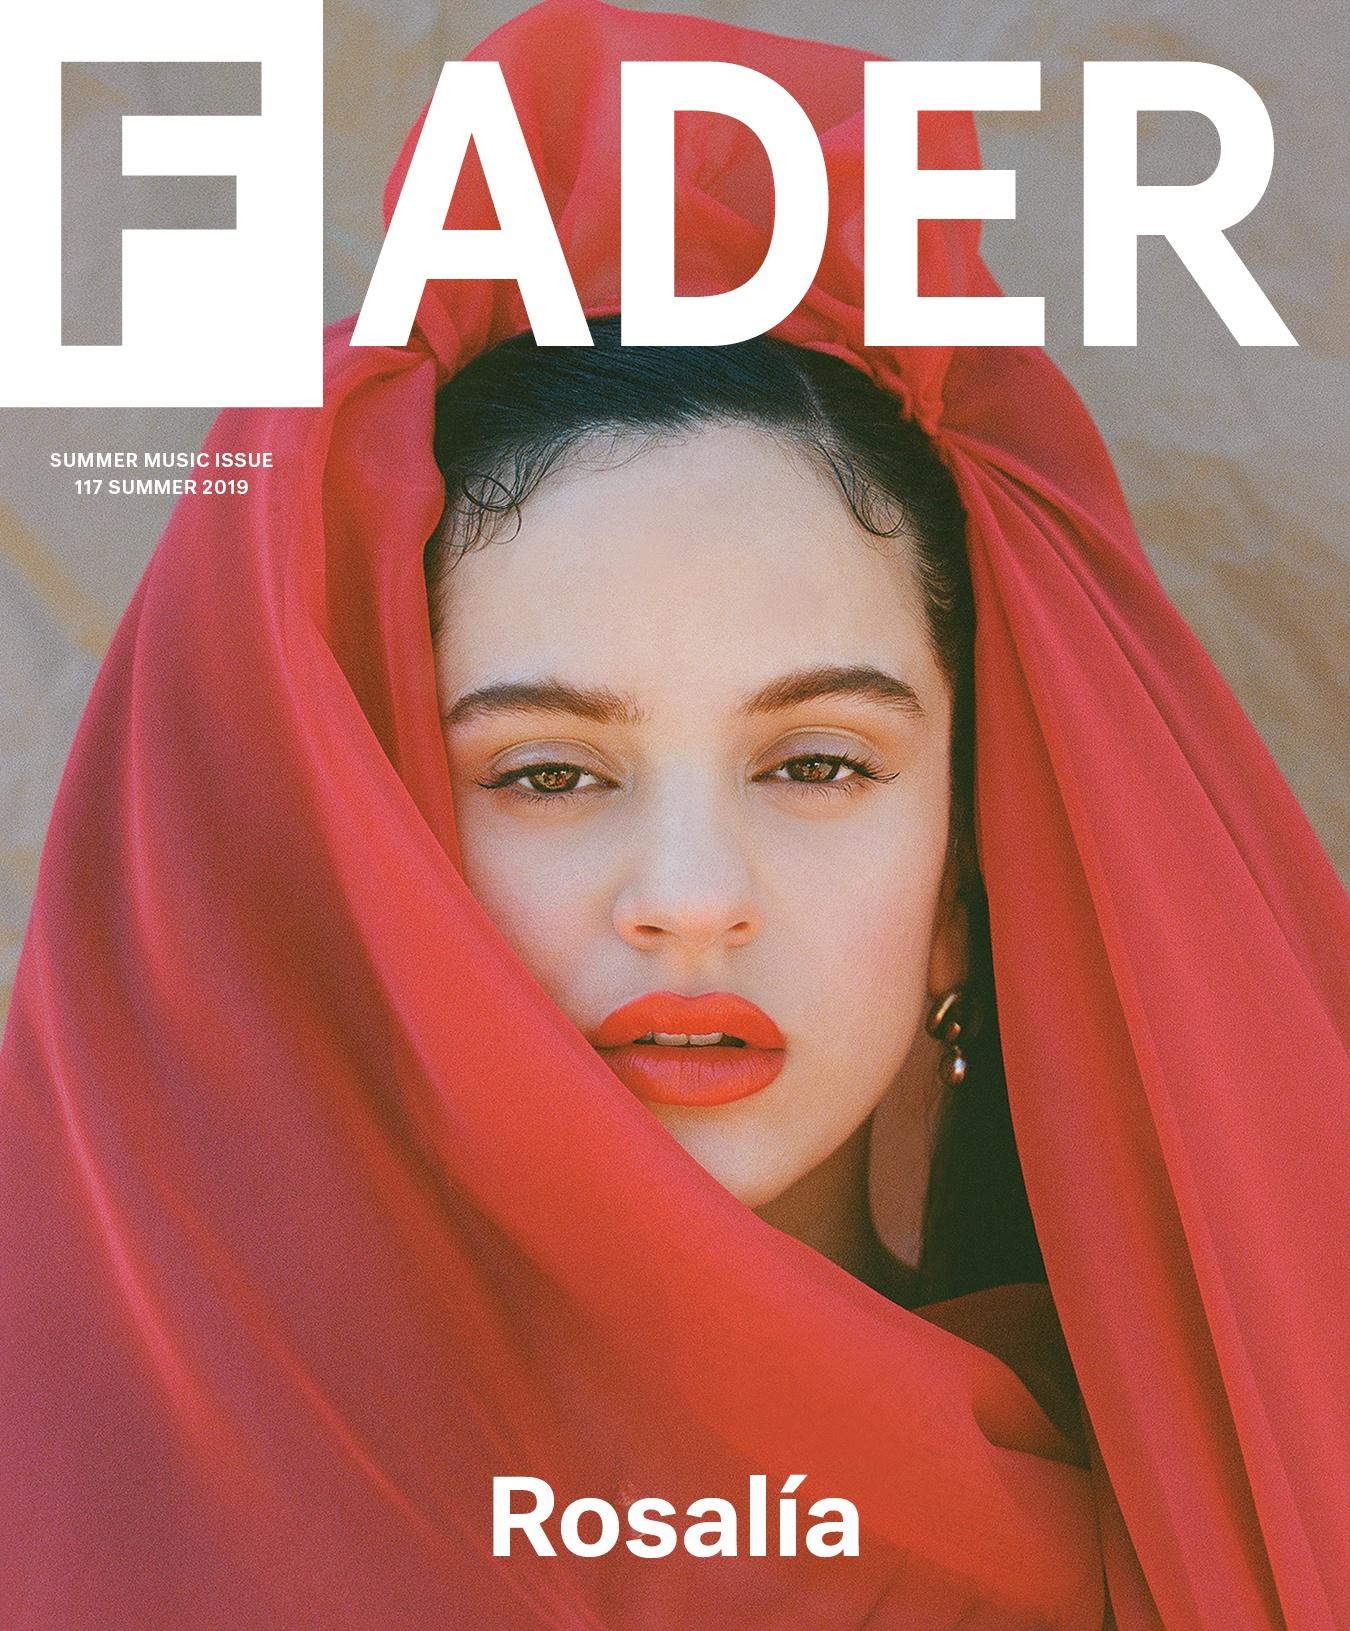 rosalia-cover-story.jpg